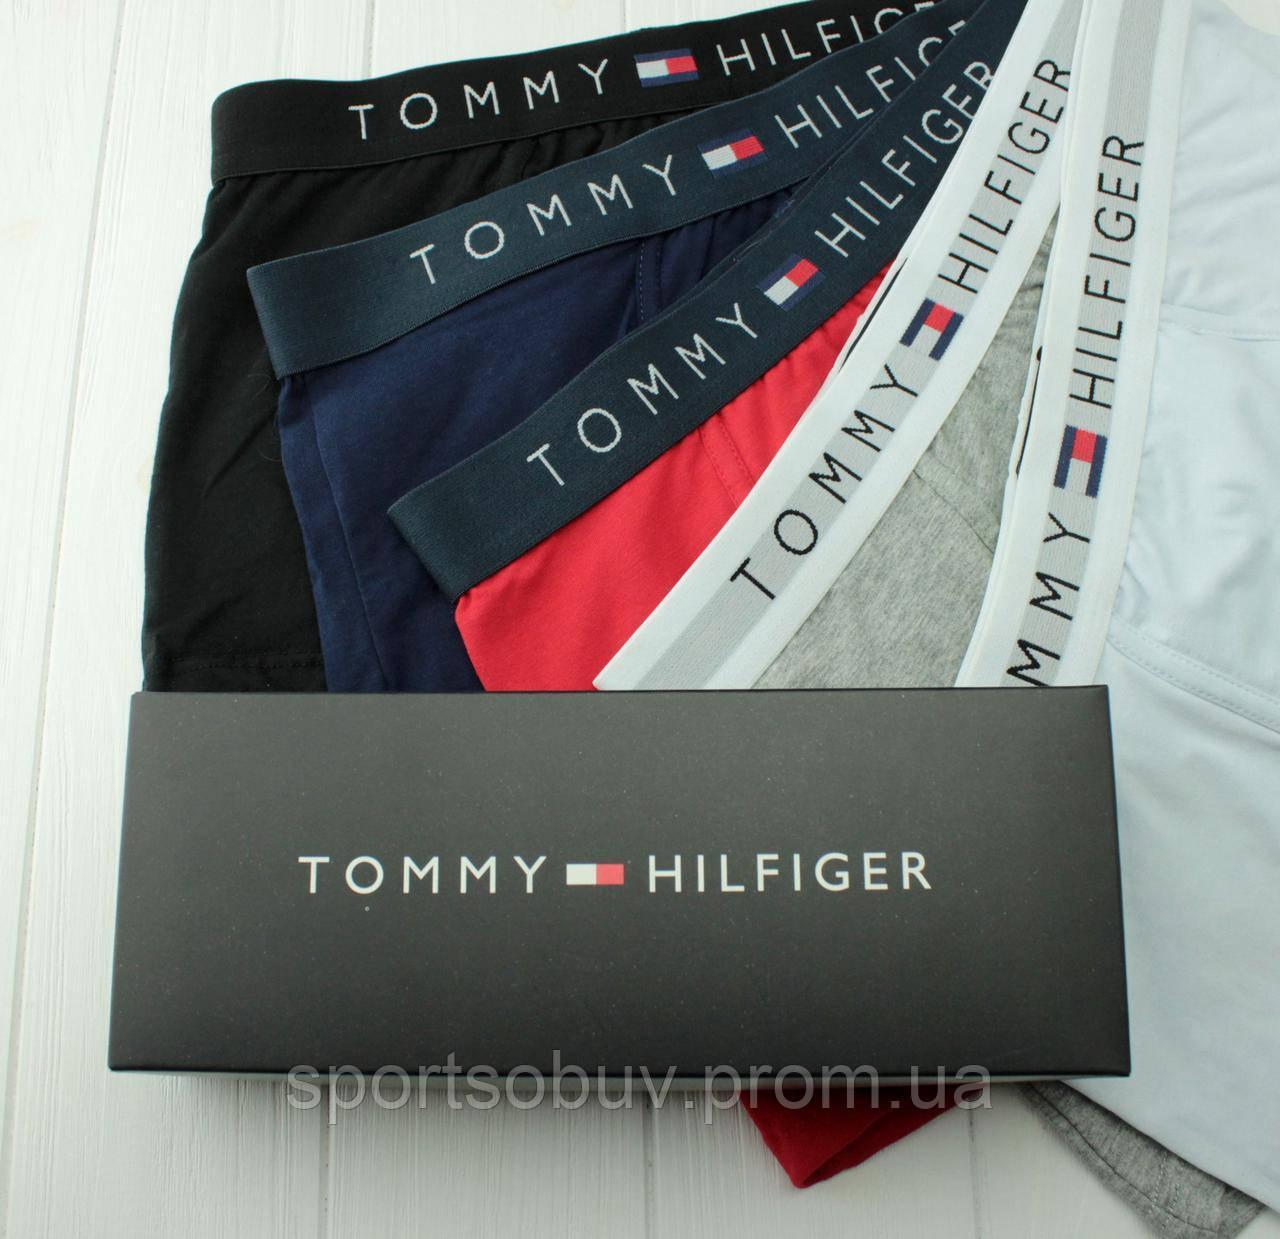 Подарочный набор мужского белья чоловічі труси Tommy Hilfiger Томми  Хилфигер трусы боксеры шорты 3шт реплика 1321c29ff0b00